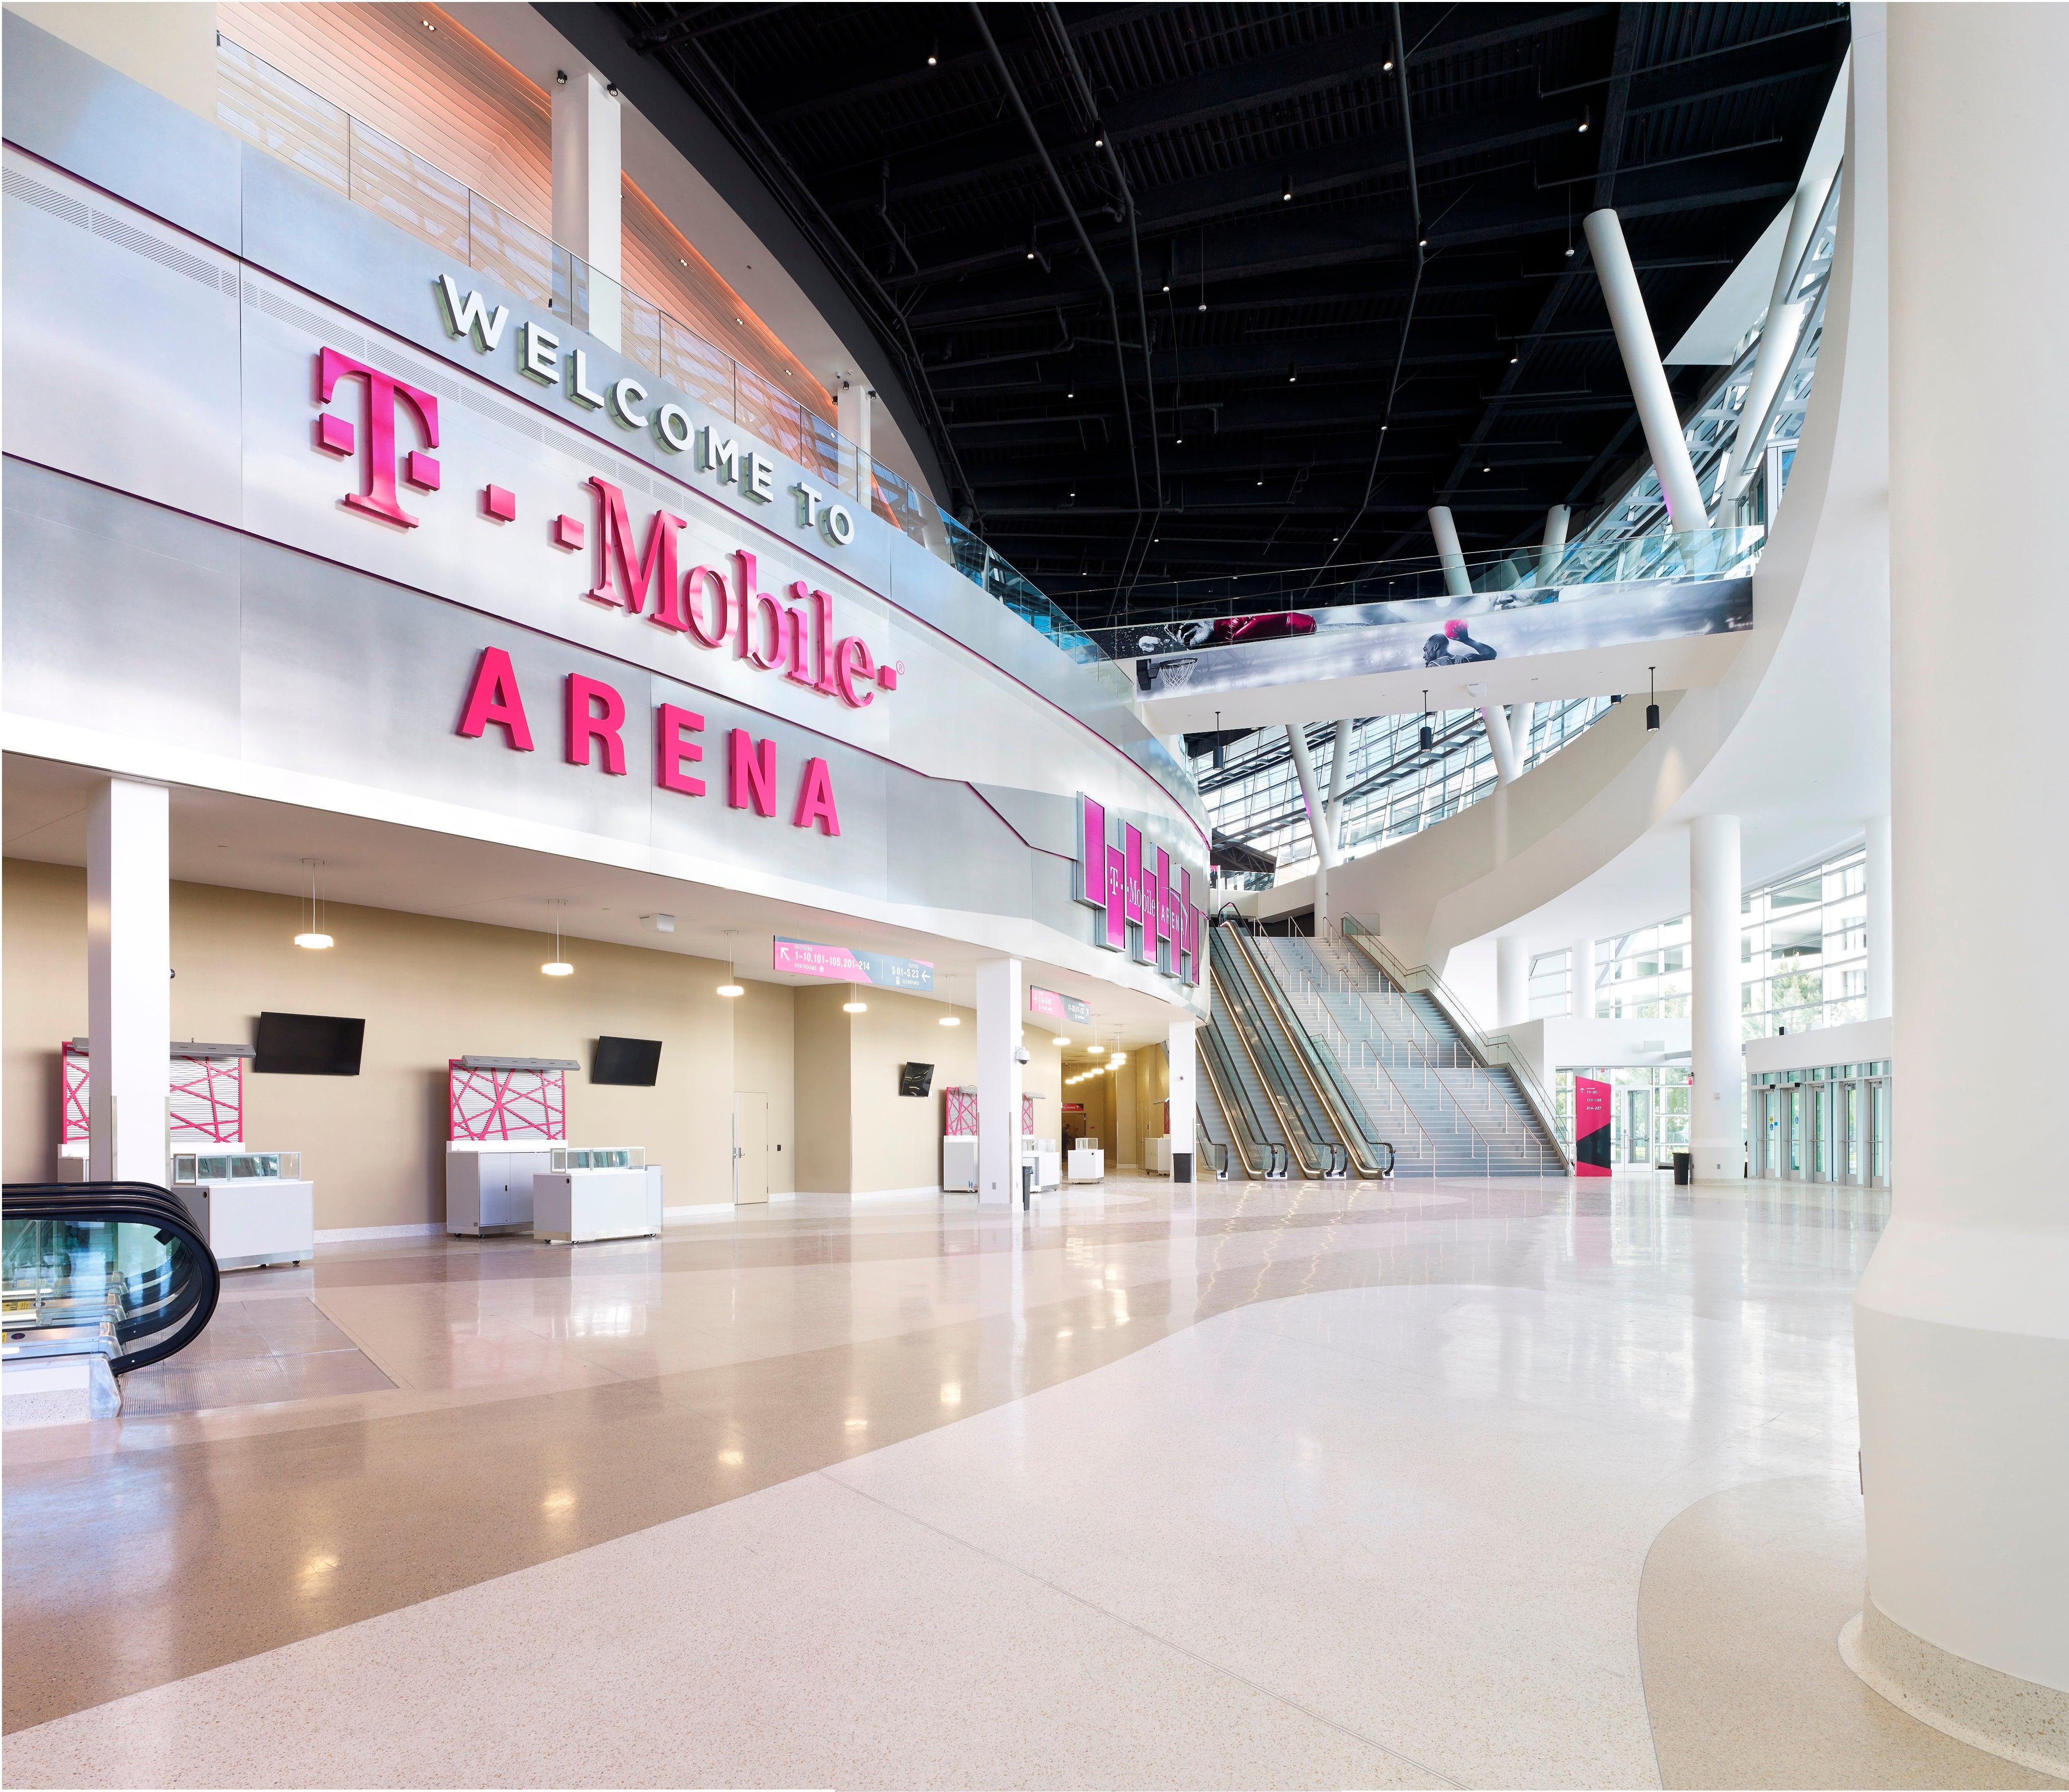 Arena Event Spaces